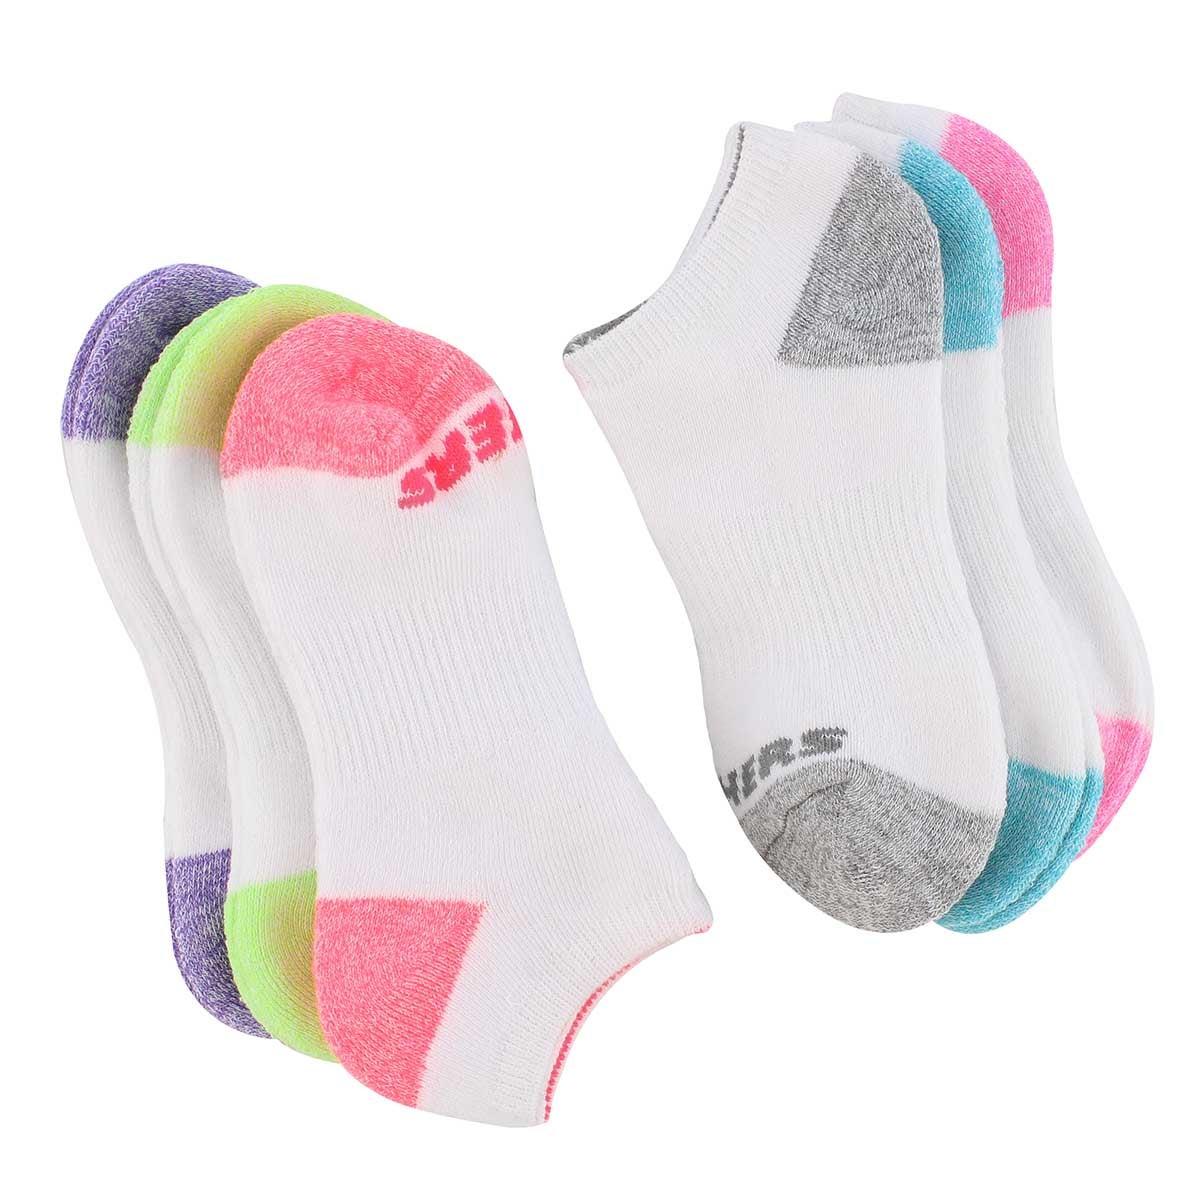 Grls NoShow FullTerry MED wht sock 6pk